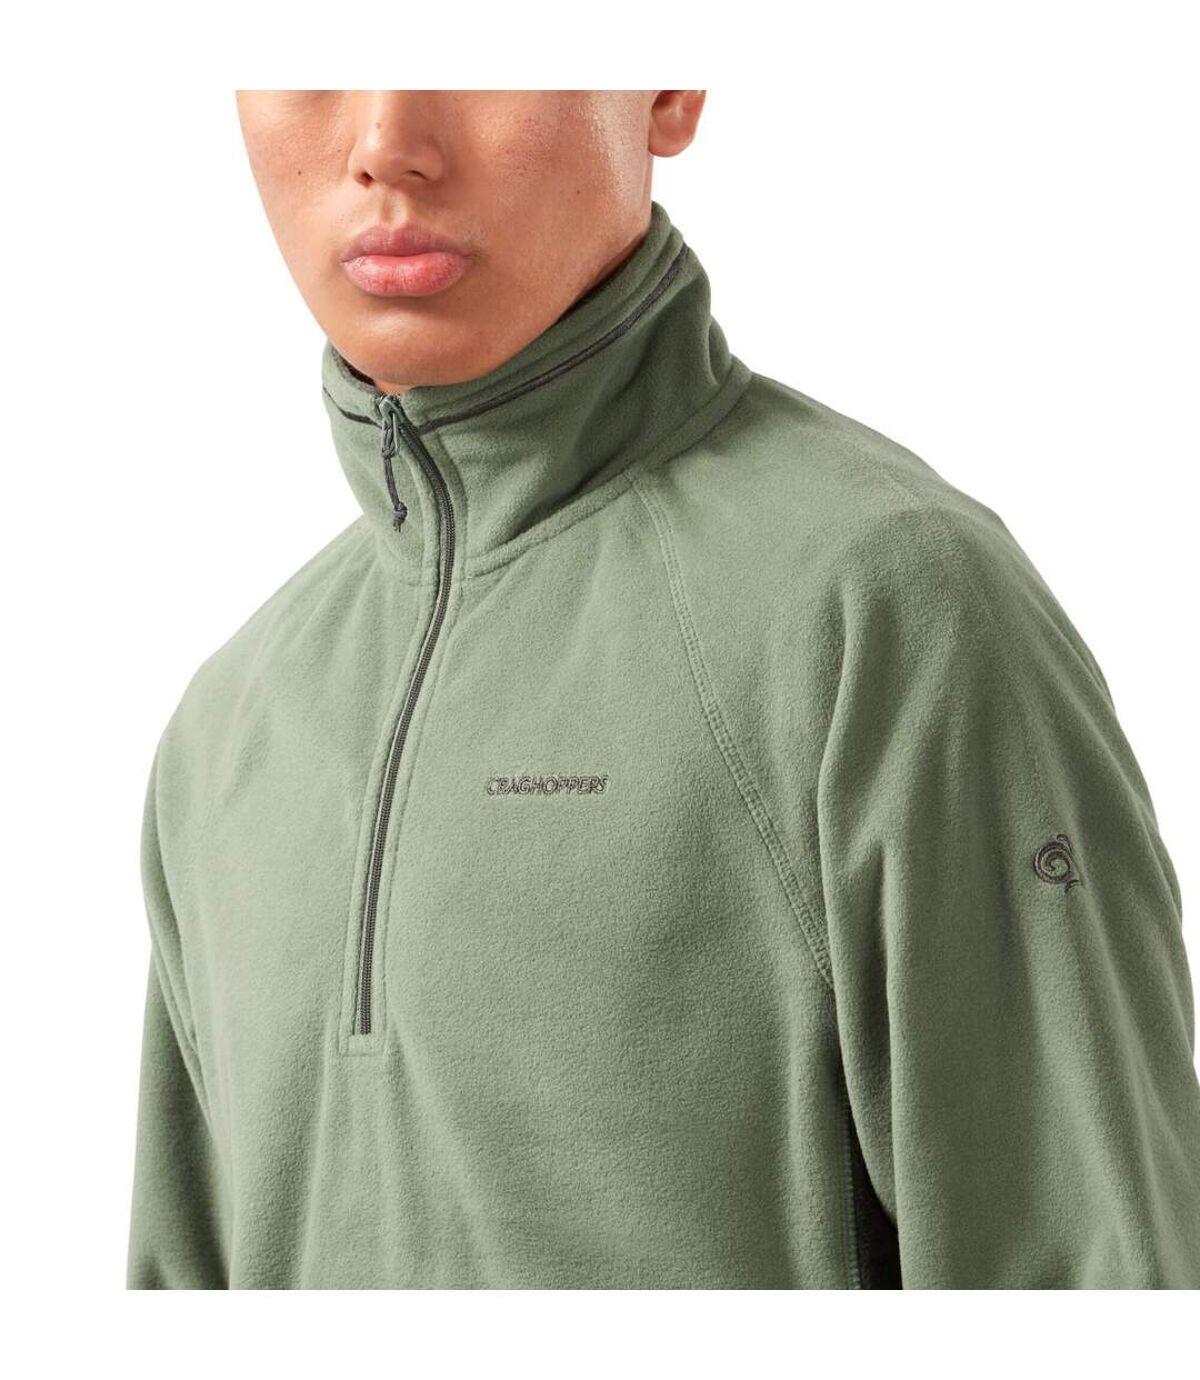 Craghoppers - Haut polaire COREY - Homme (Vert de gris / Anthracite chiné) - UTCG1466